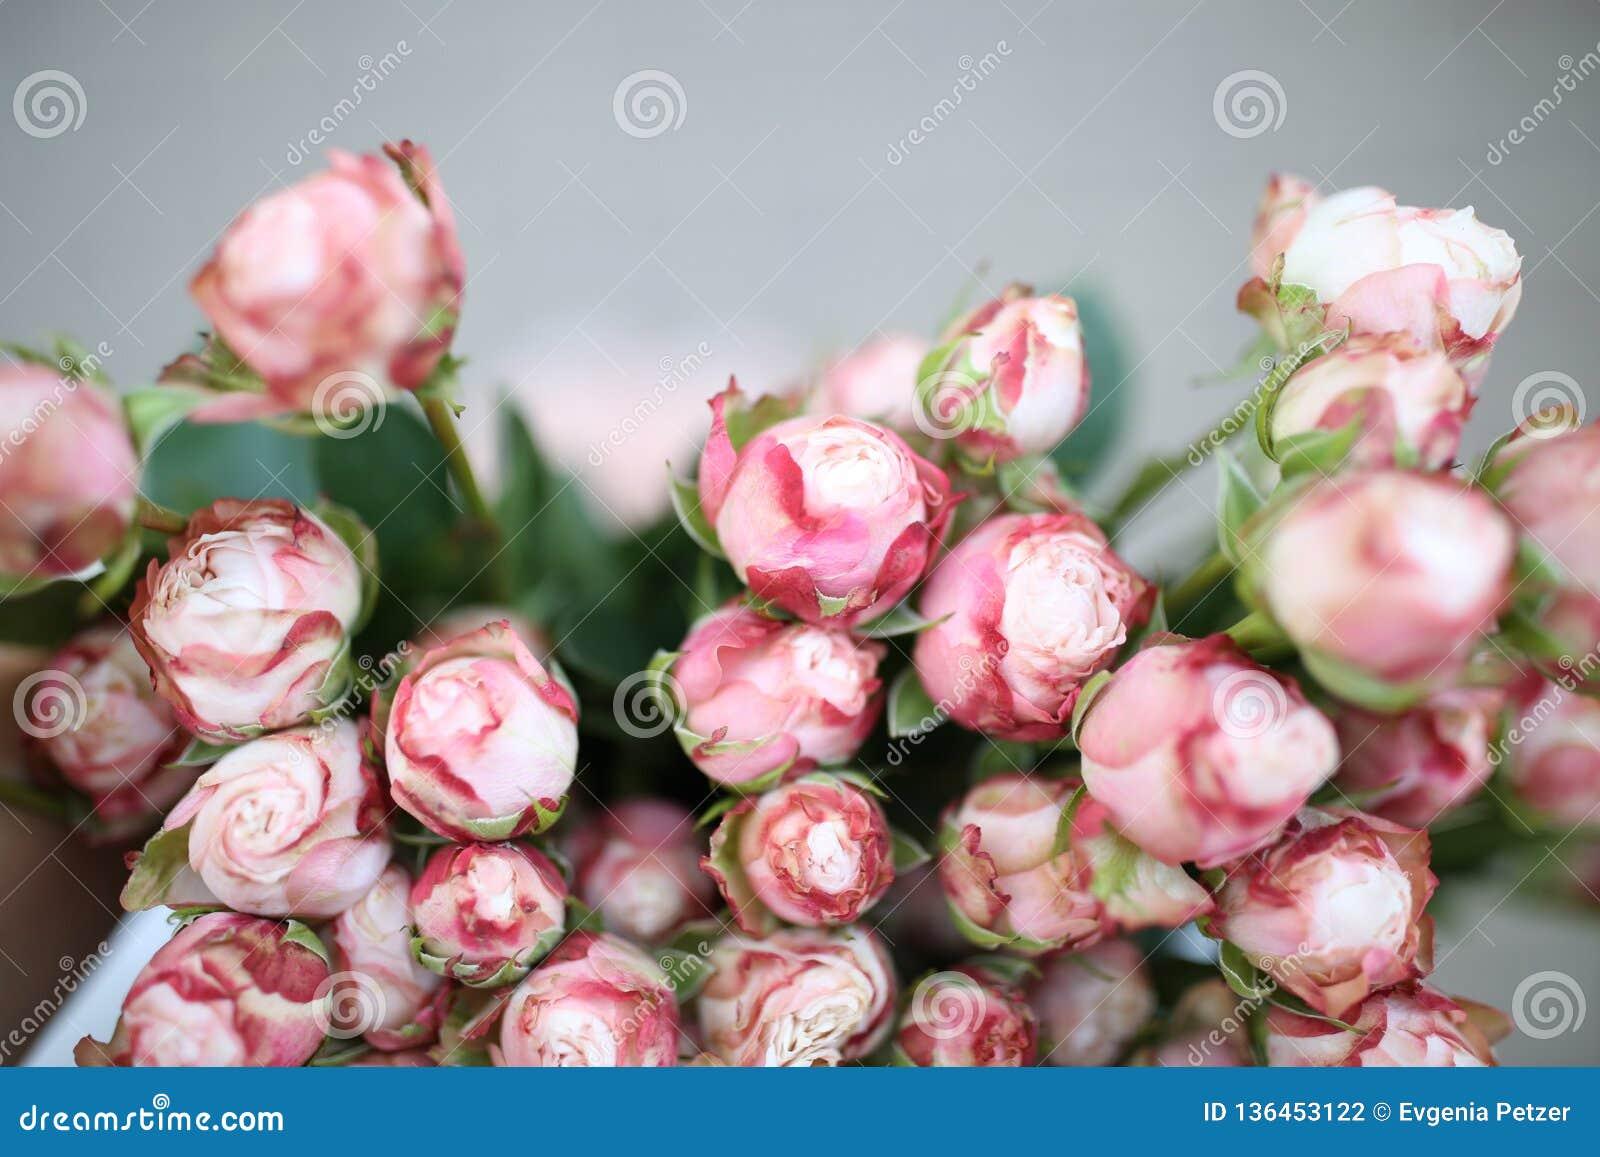 Hoogste mening over een bos van mini roze rozen, macro